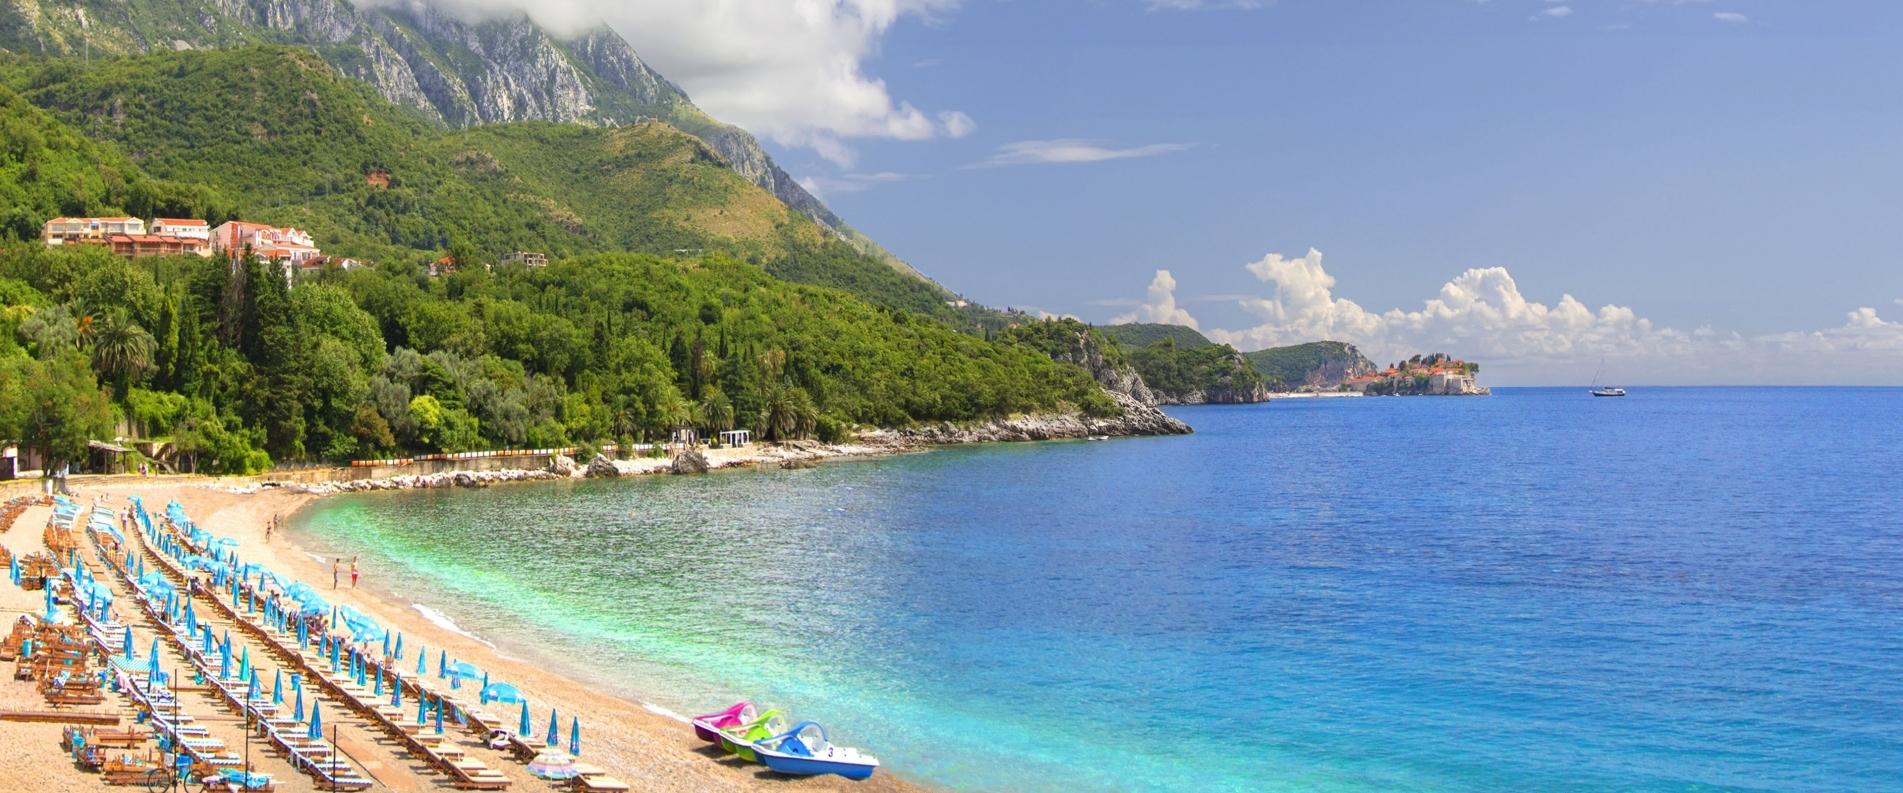 ТОП 10: Пляжи Черногории